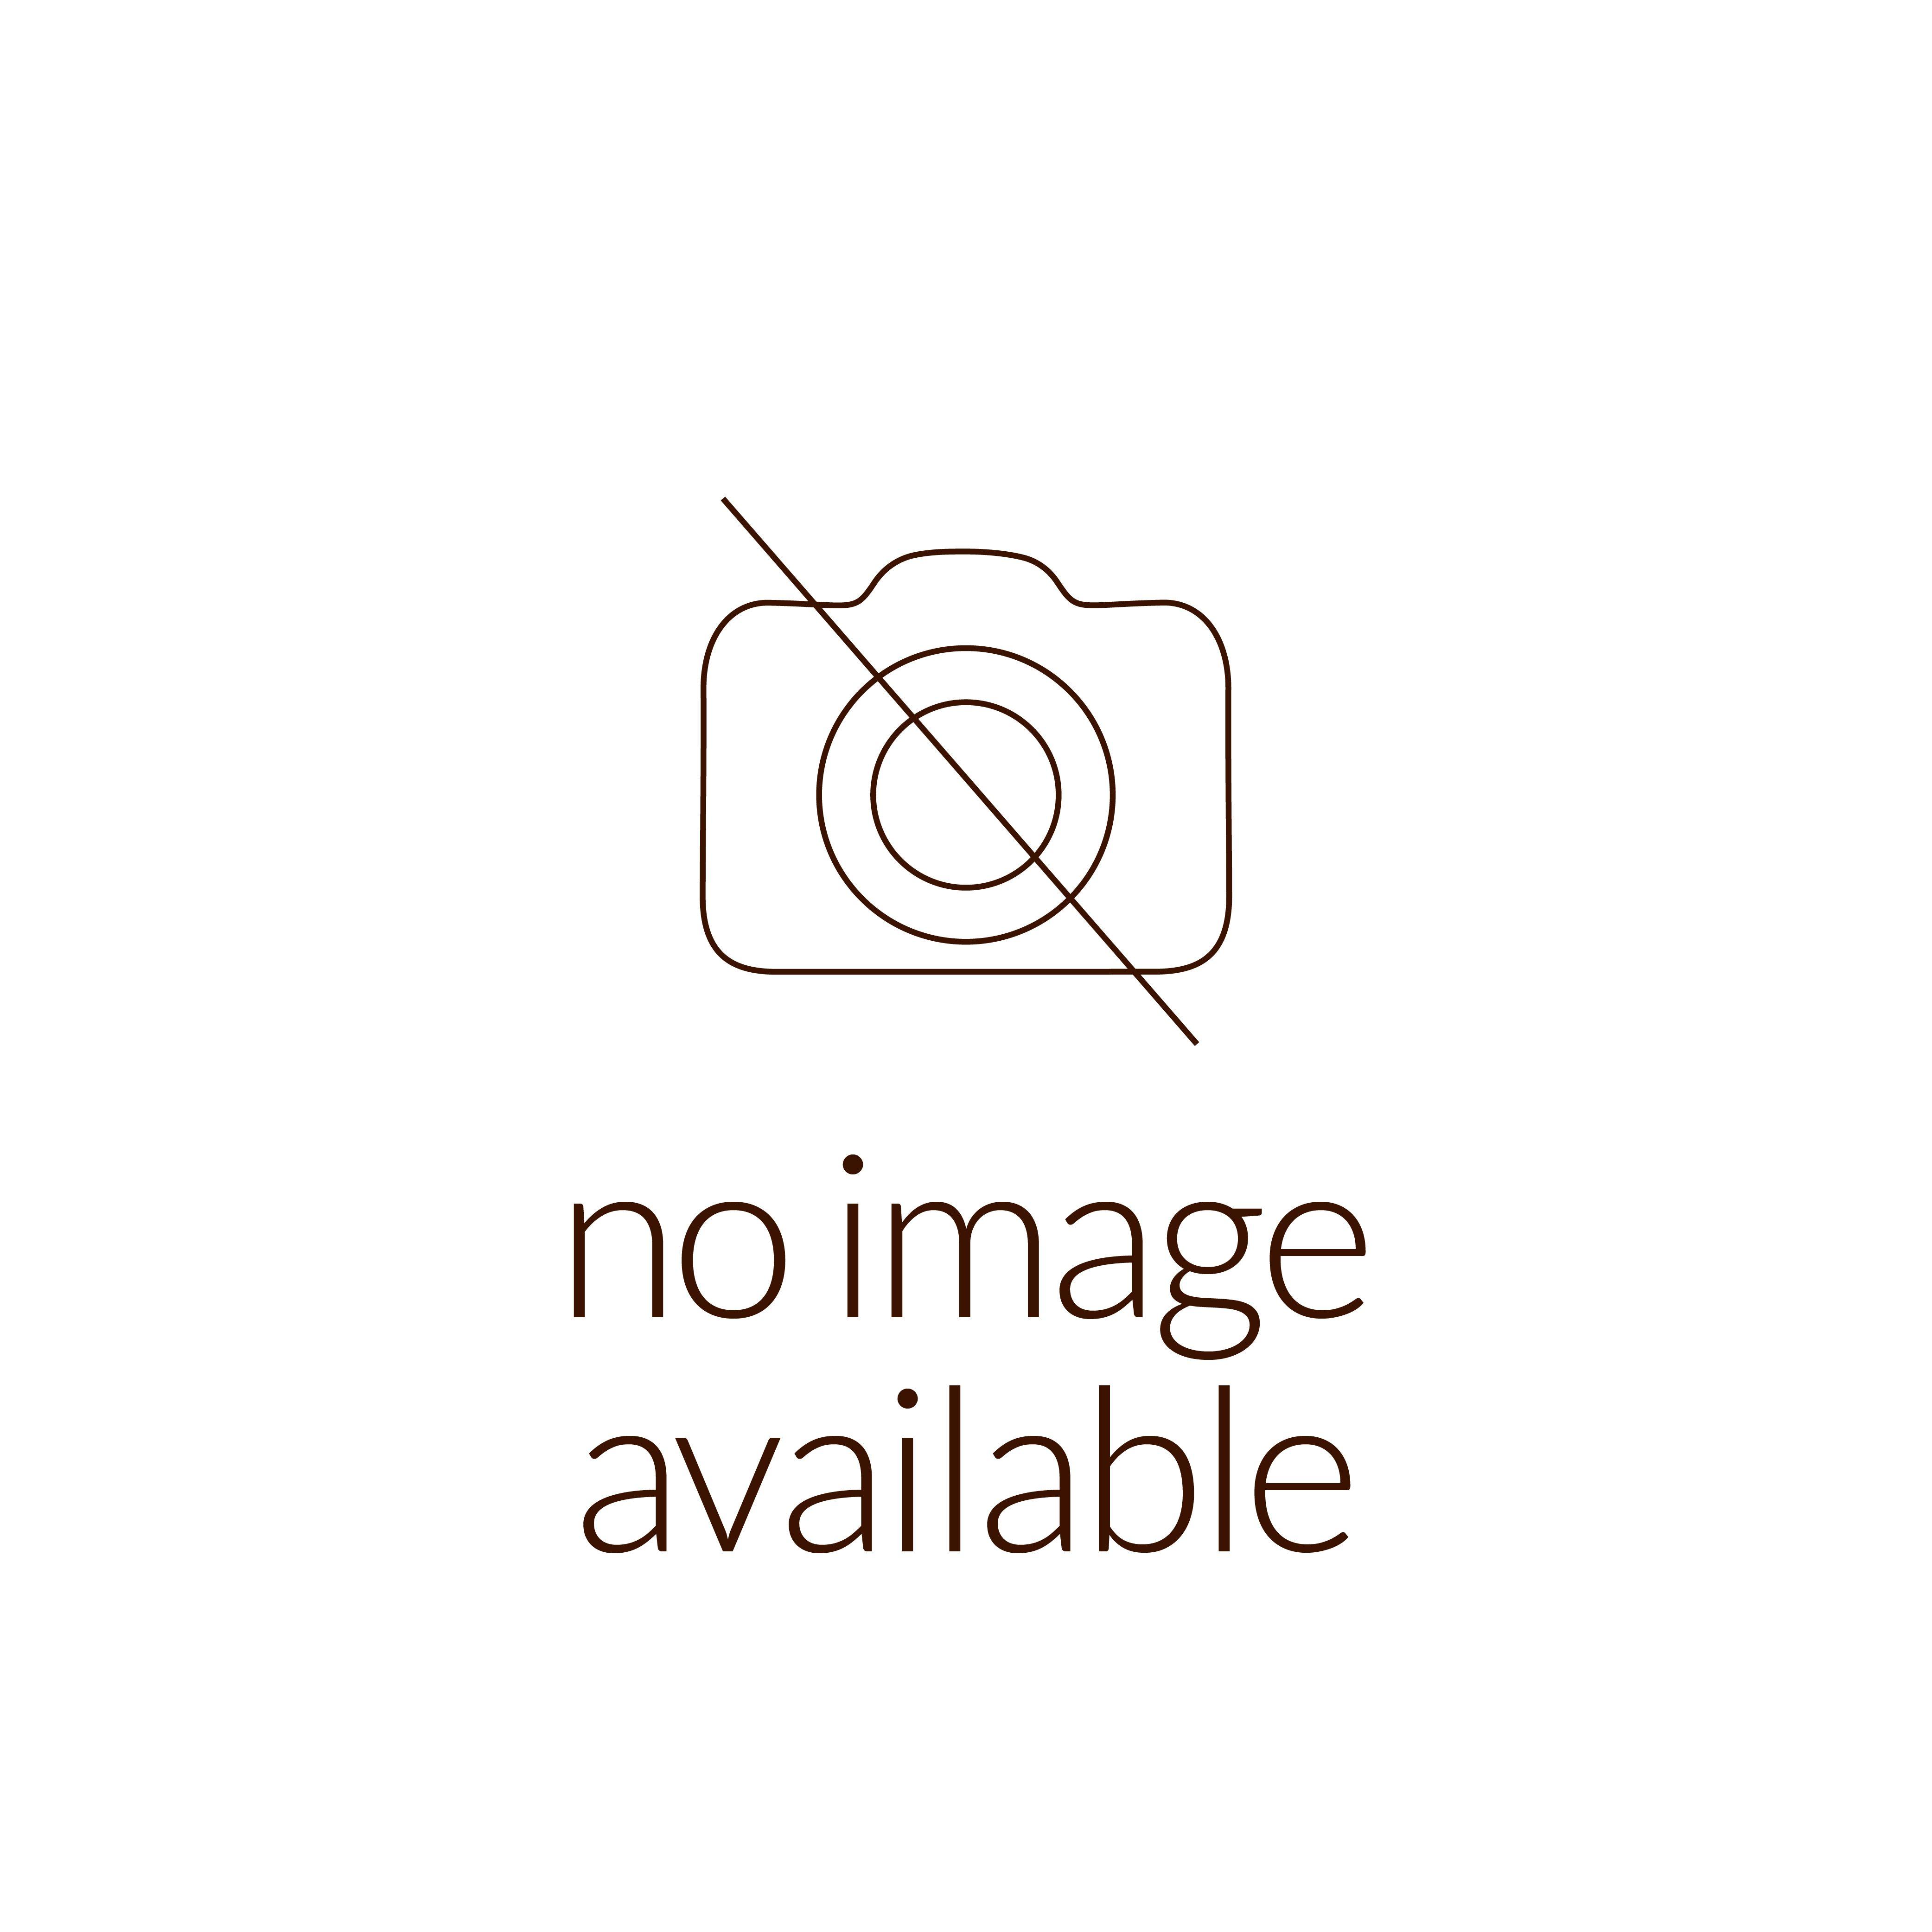 זהב להשקעה - מטיל זהב, 1 אונקיה, פרת' מינט - אריזת מגן - צד הנושא